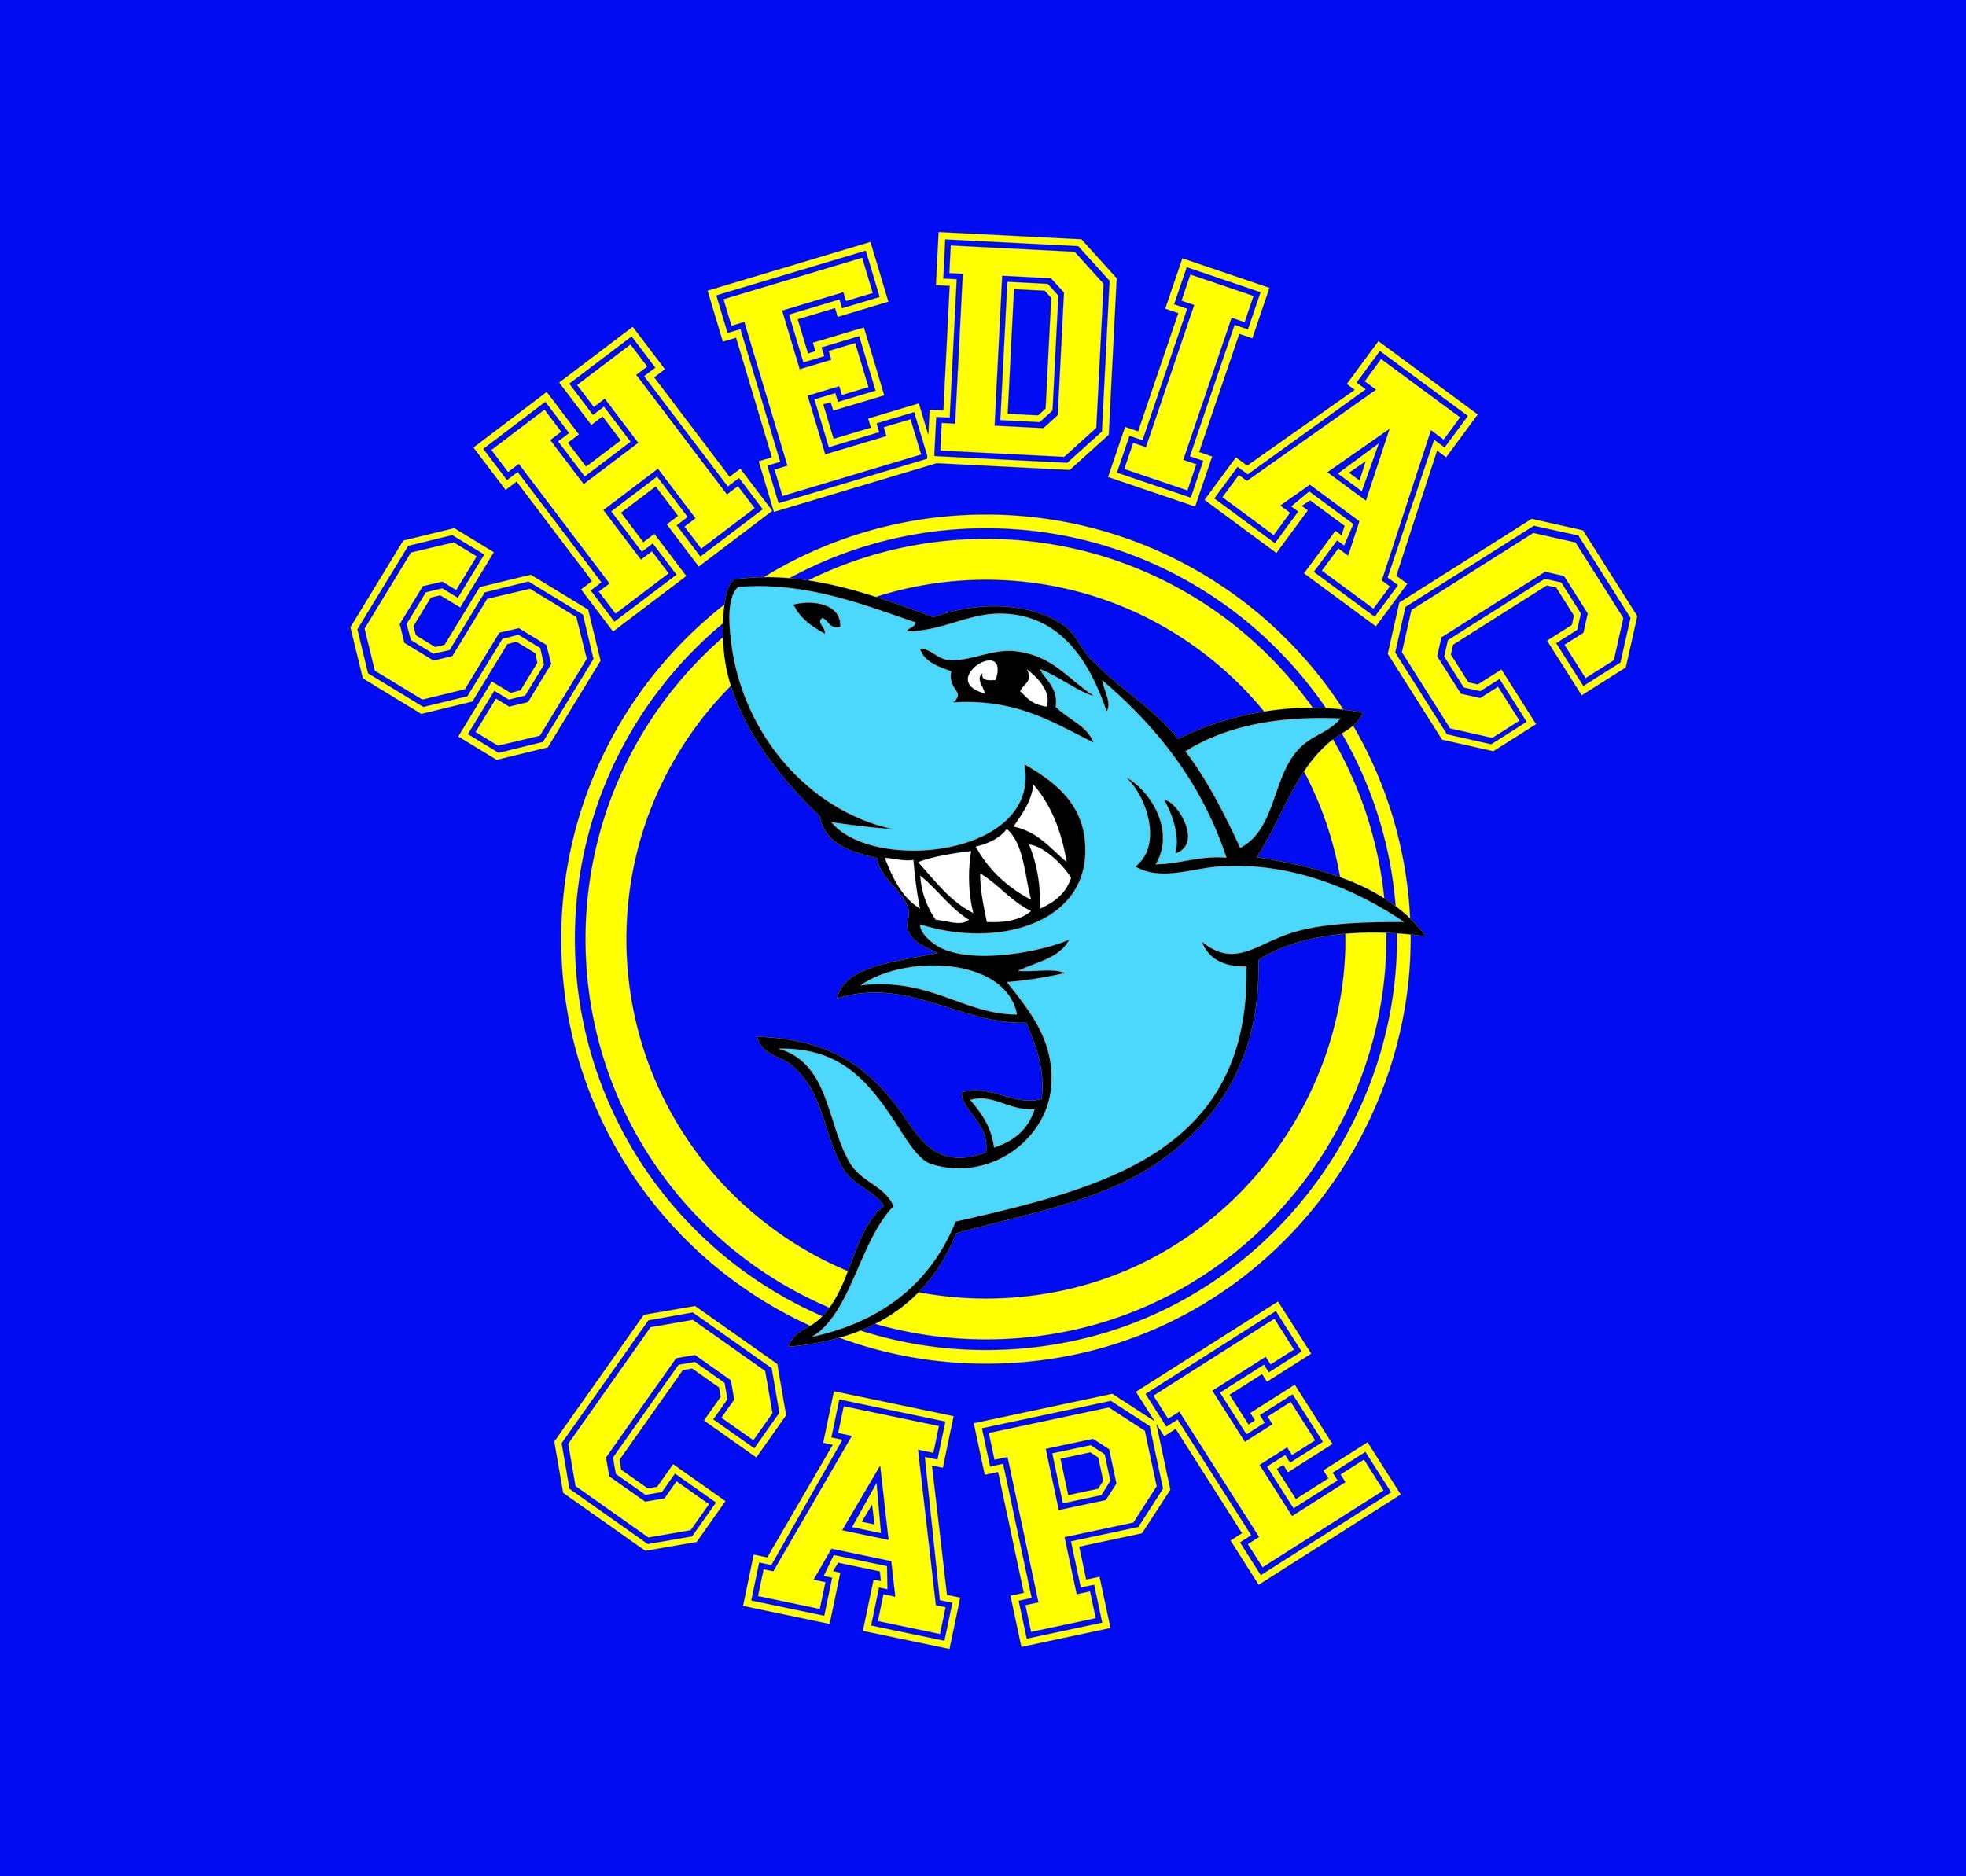 shediac cape colour.jpg